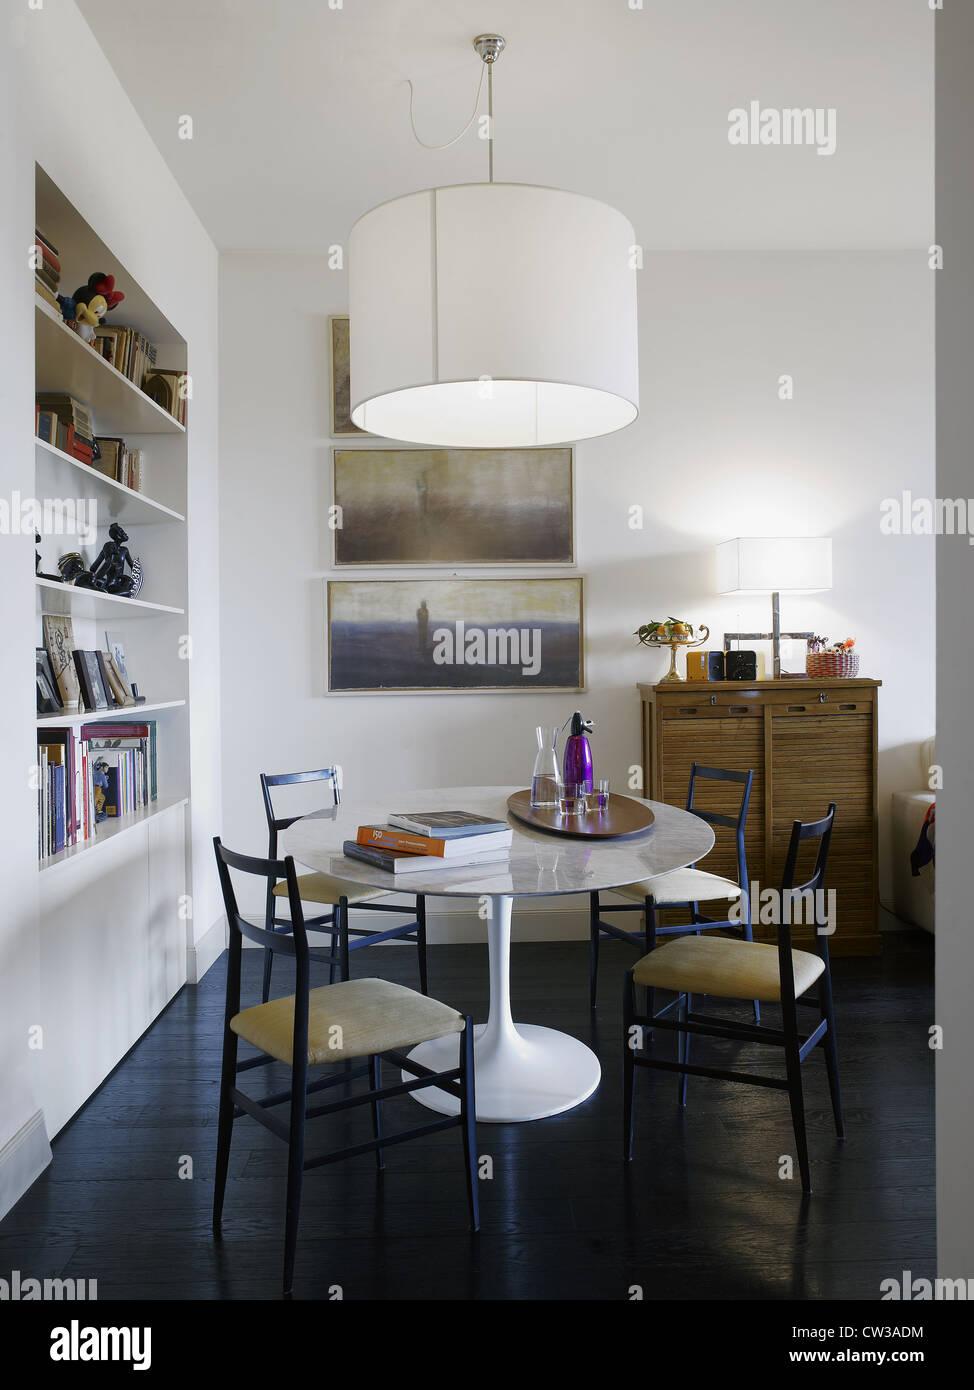 Modernes Interieur in einem Wohnzimmer in einem italienischen ...